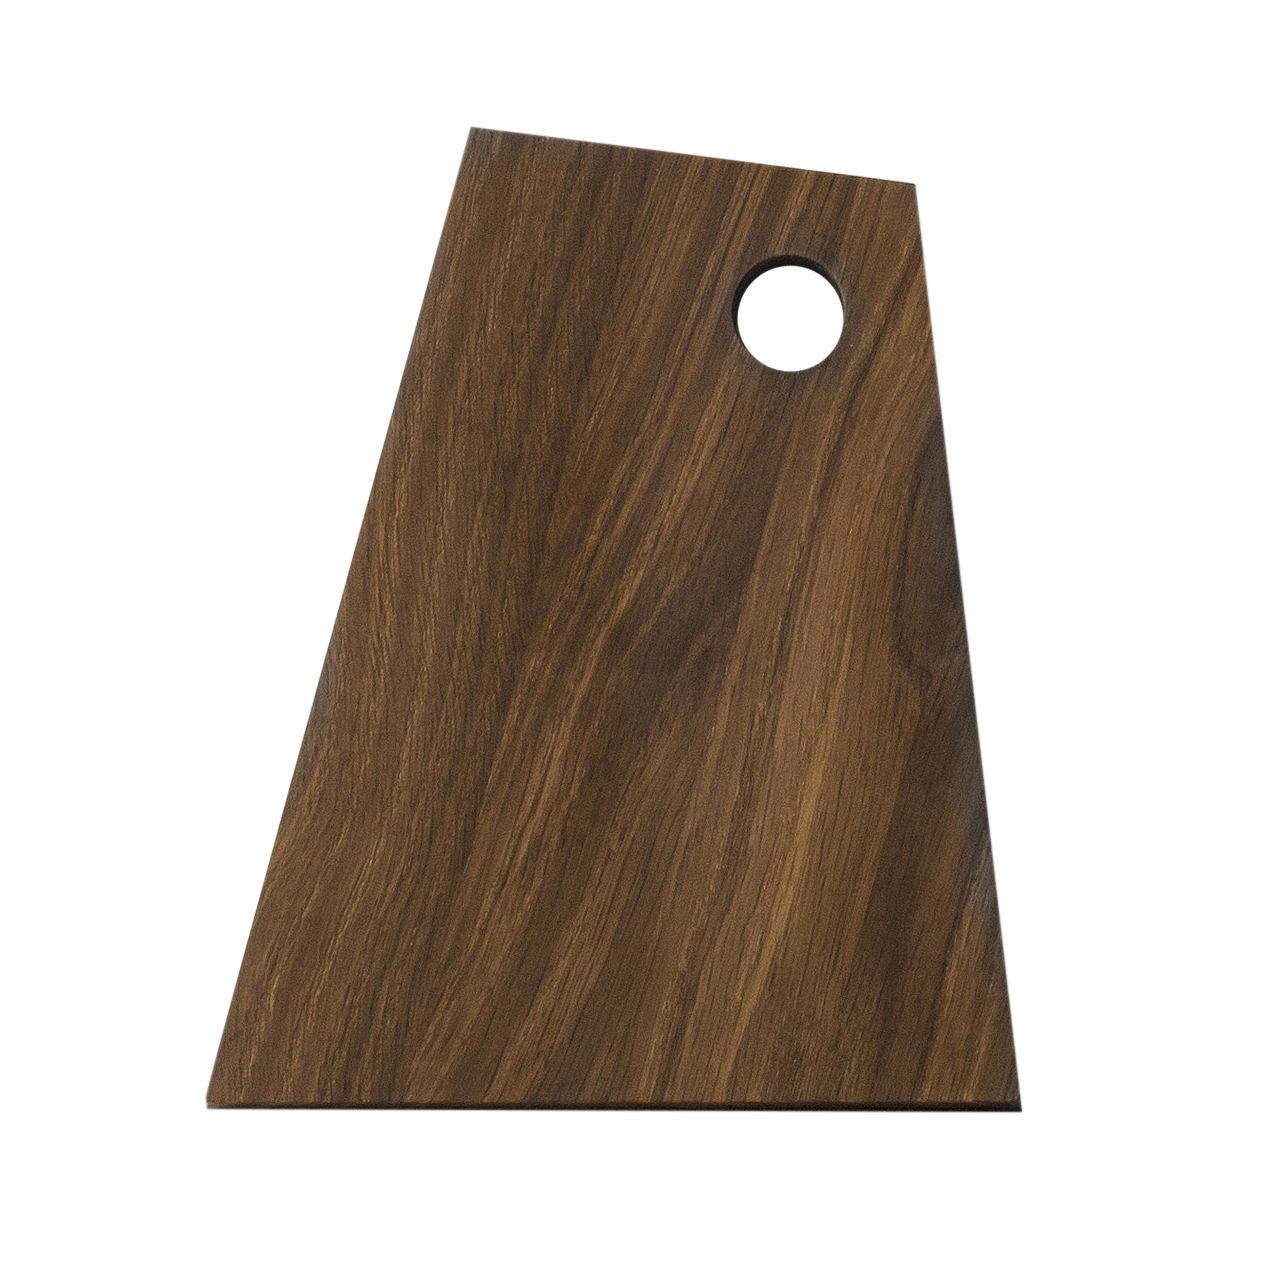 Cuisine - Ustensiles de cuisines - Planche à découper Asymmetric Small / 18 x 22 cm - Ferm Living - Chêne fumé - Chêne massif fumé huilé